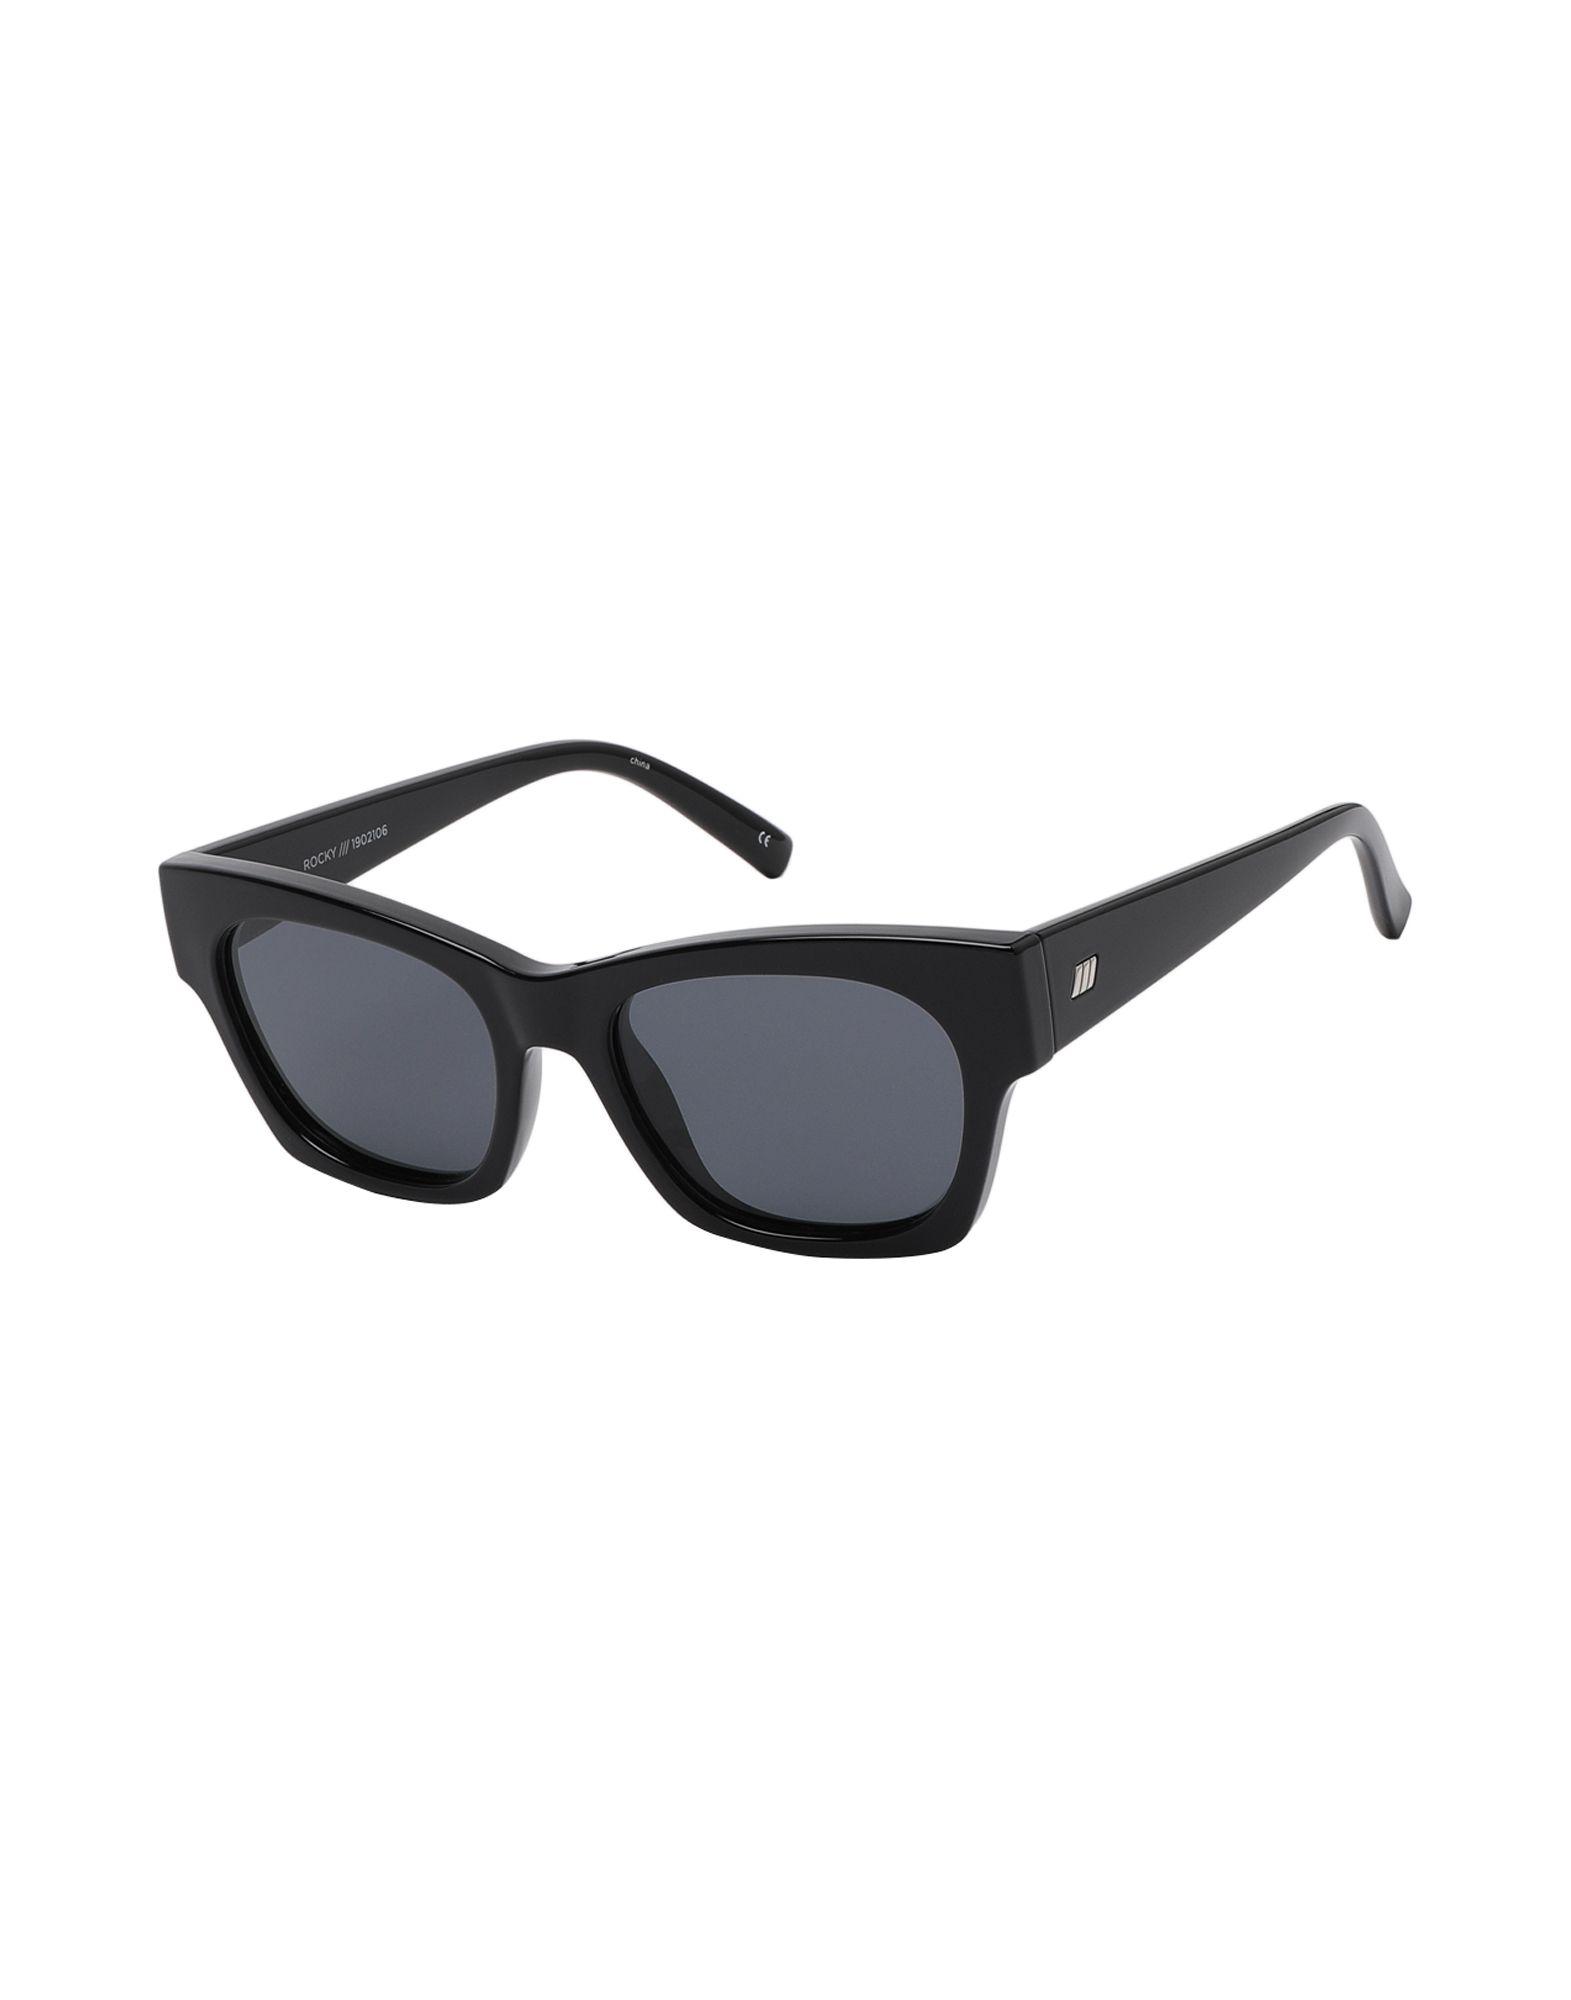 LE SPECS Солнечные очки кафа франц очки водителя поляризационные мужские коричневая линза сf919